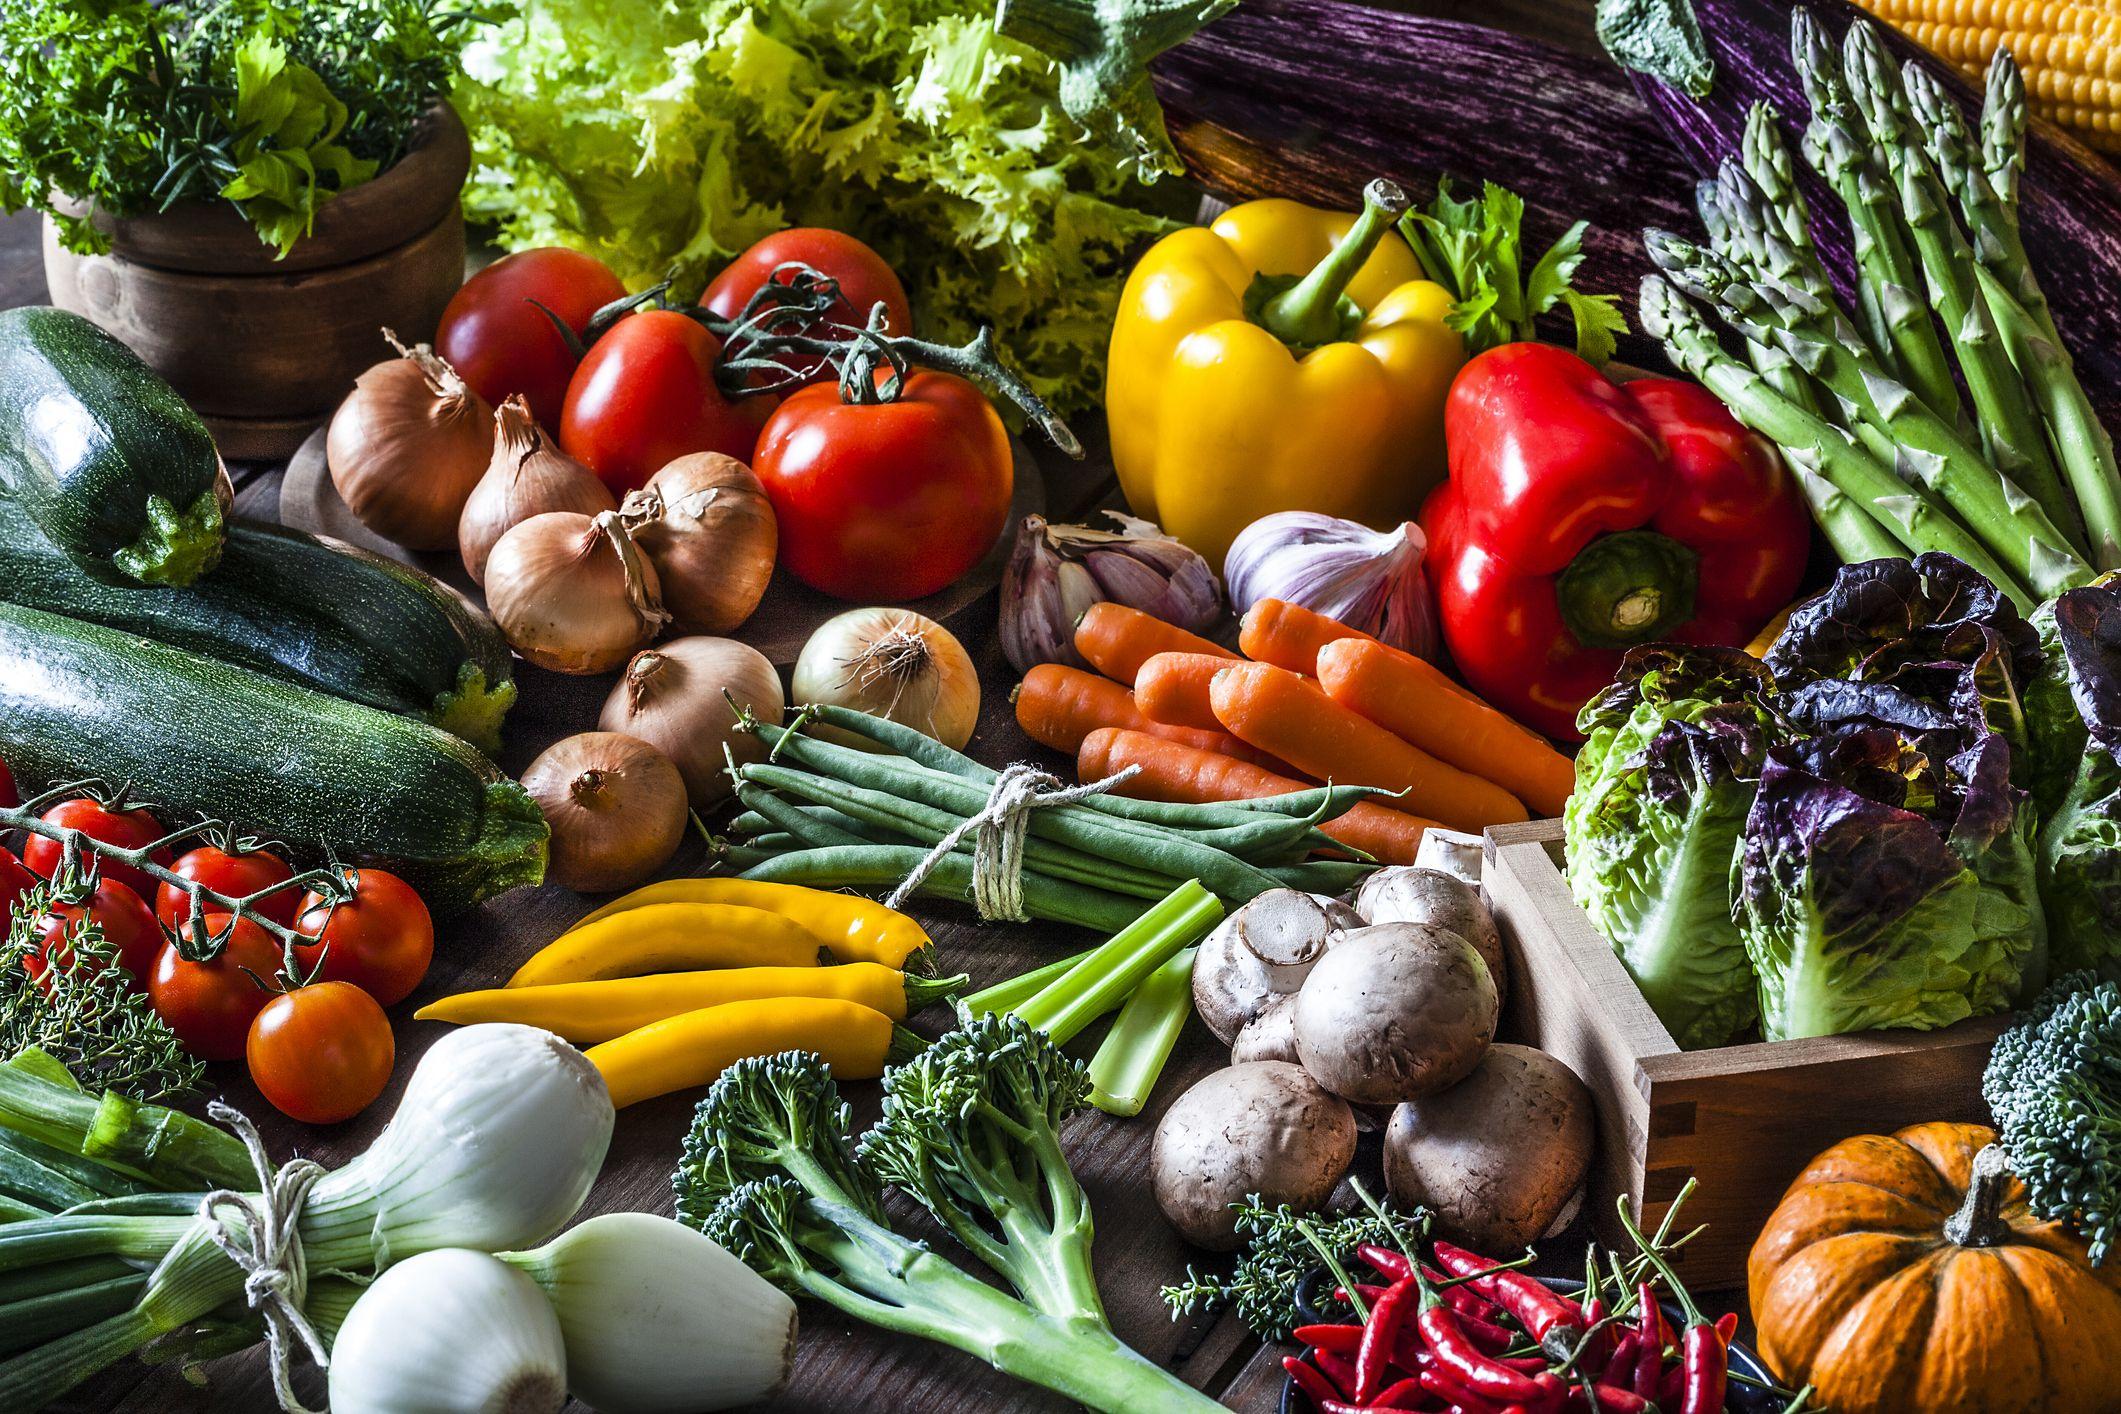 Mangia per benefici per la salute